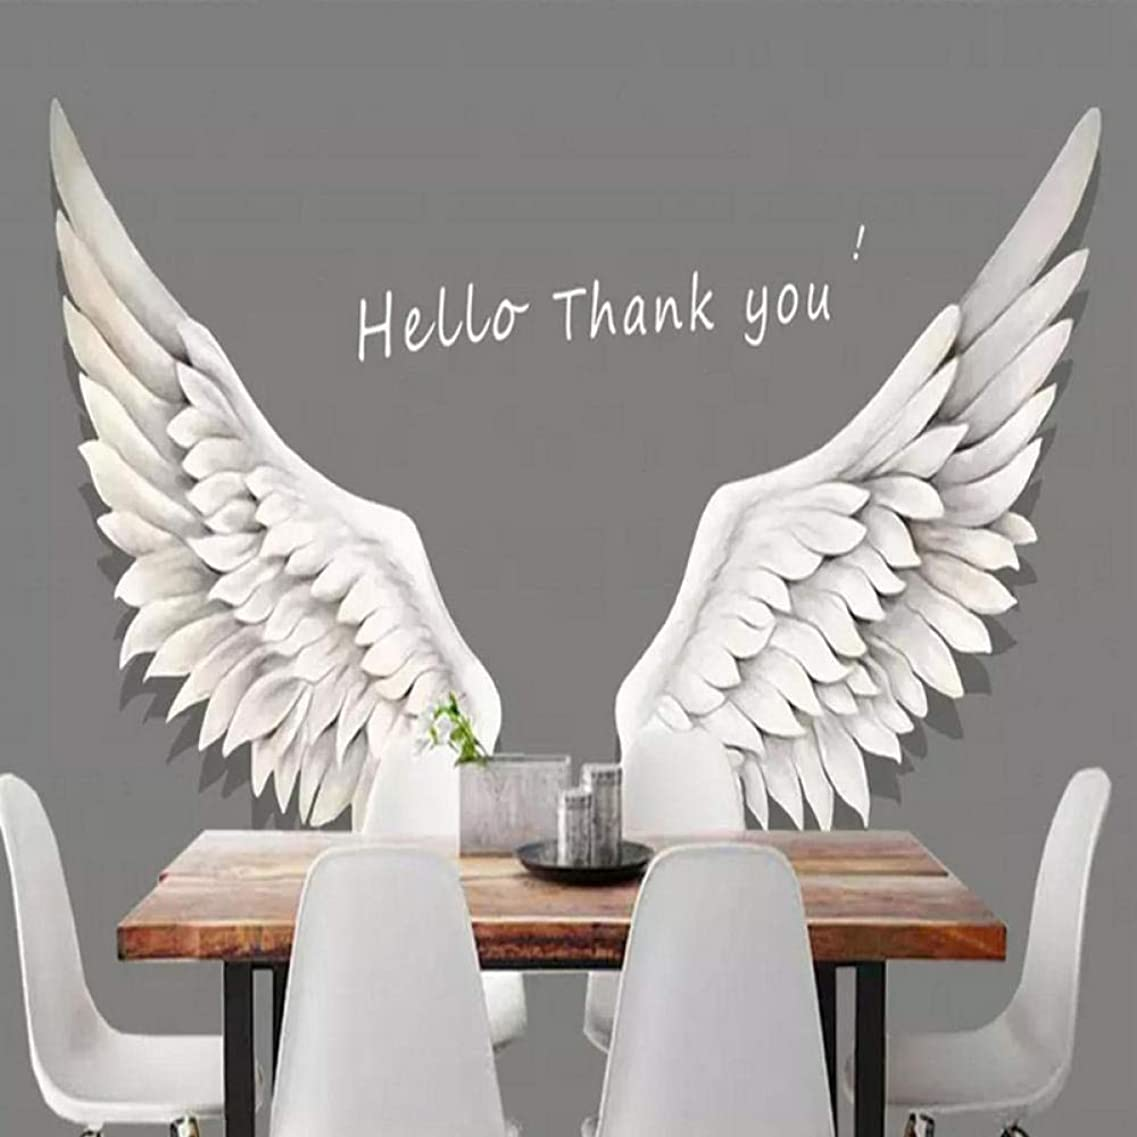 手つかずの突っ込む秘密の3D写真の壁紙壁画、白い羽の羽の居間の喫茶店のレストランの写真撮影の背景の壁の装飾の絵画280 cm(W)x 180 cm(H)